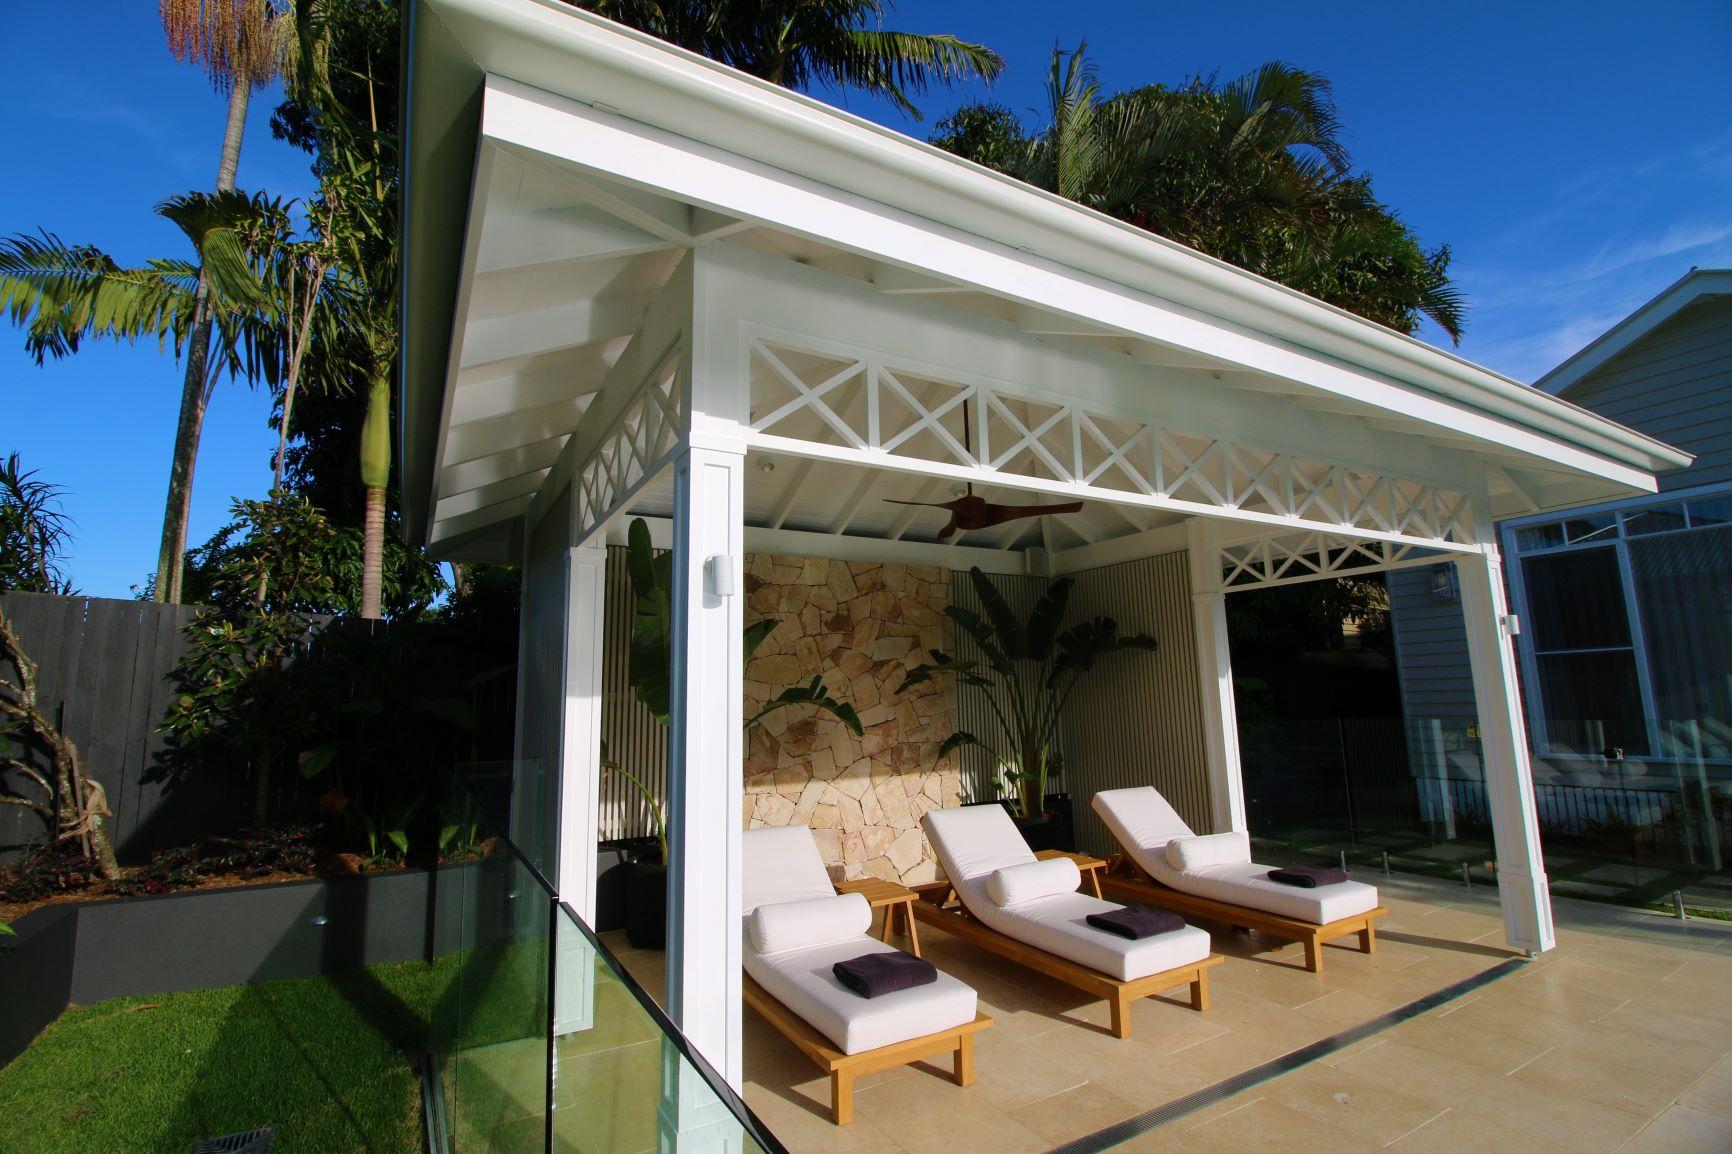 pool house5.jpg